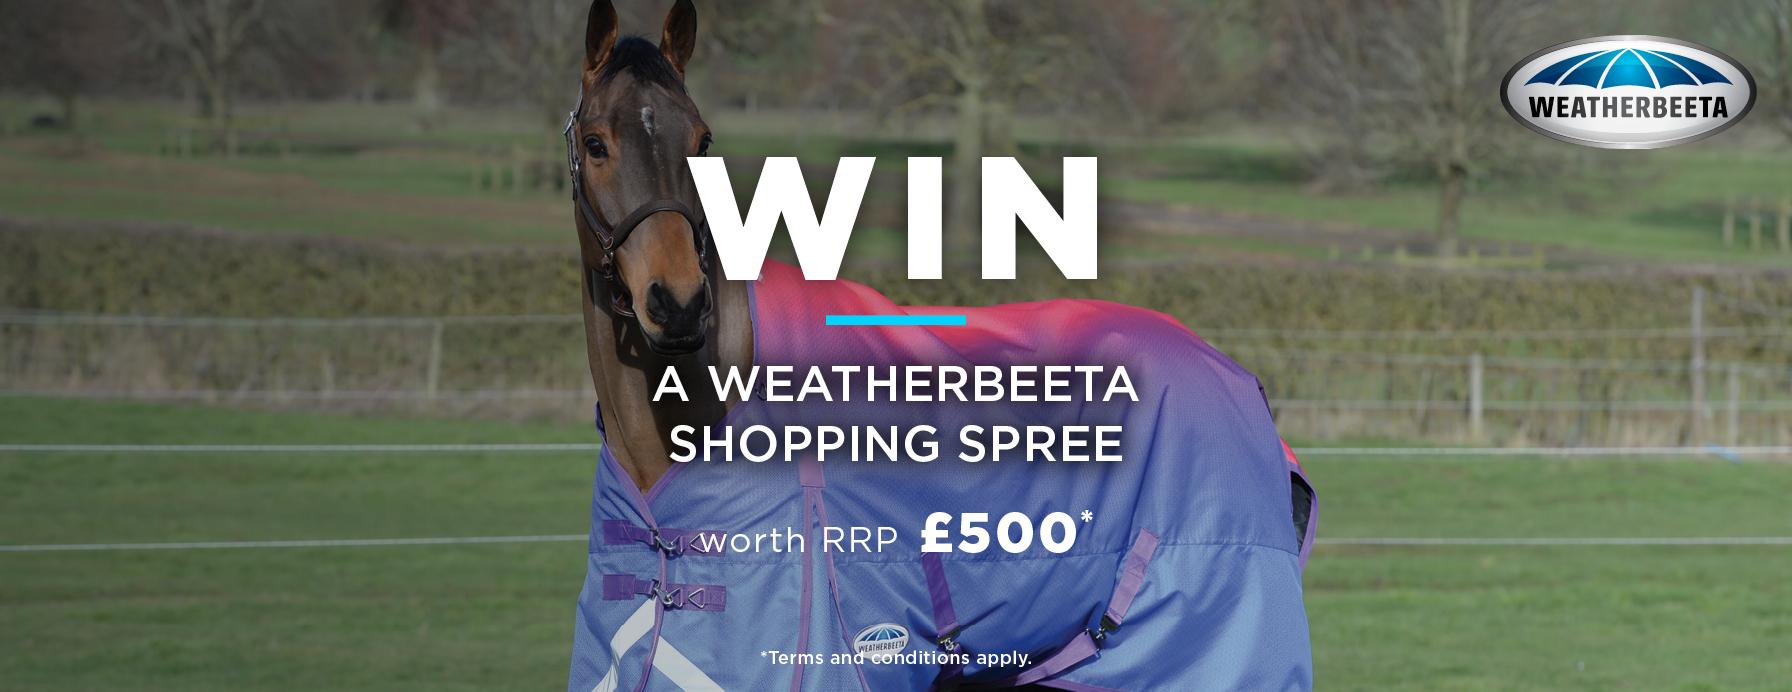 win a weatherbeeta shopping spree worth £500